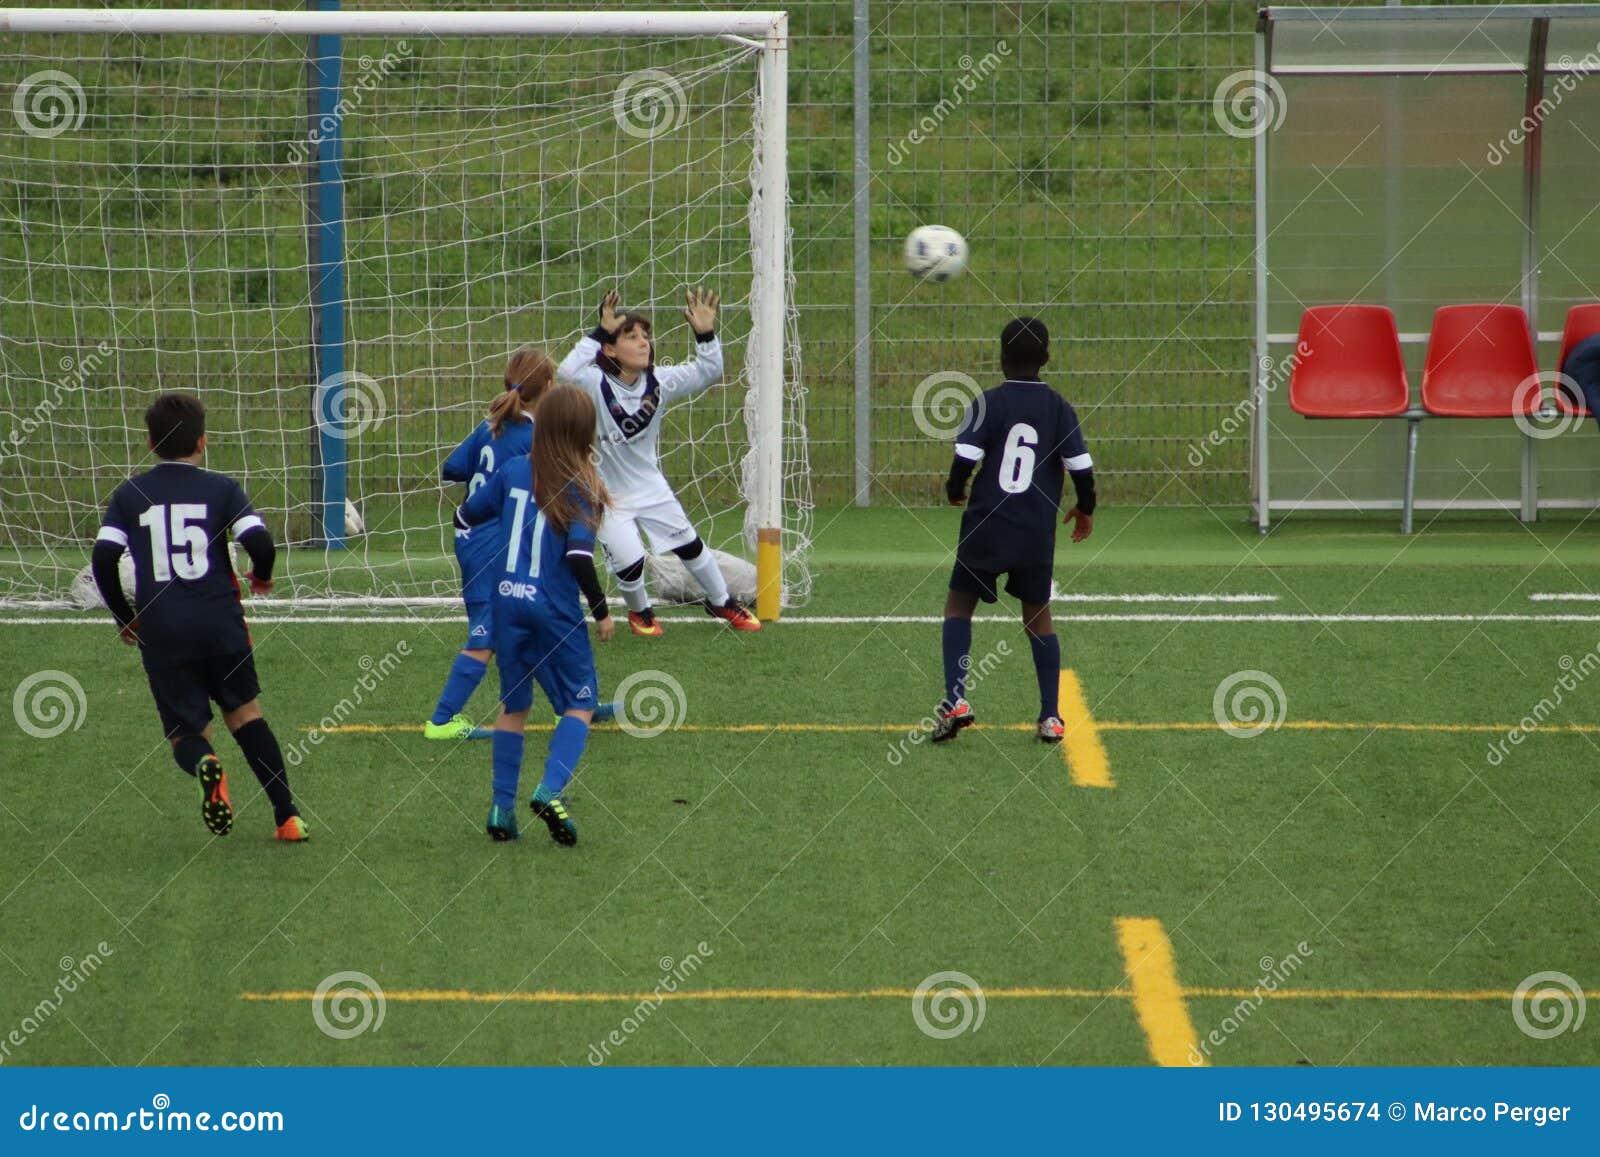 De jonge spelers spelen voetbal